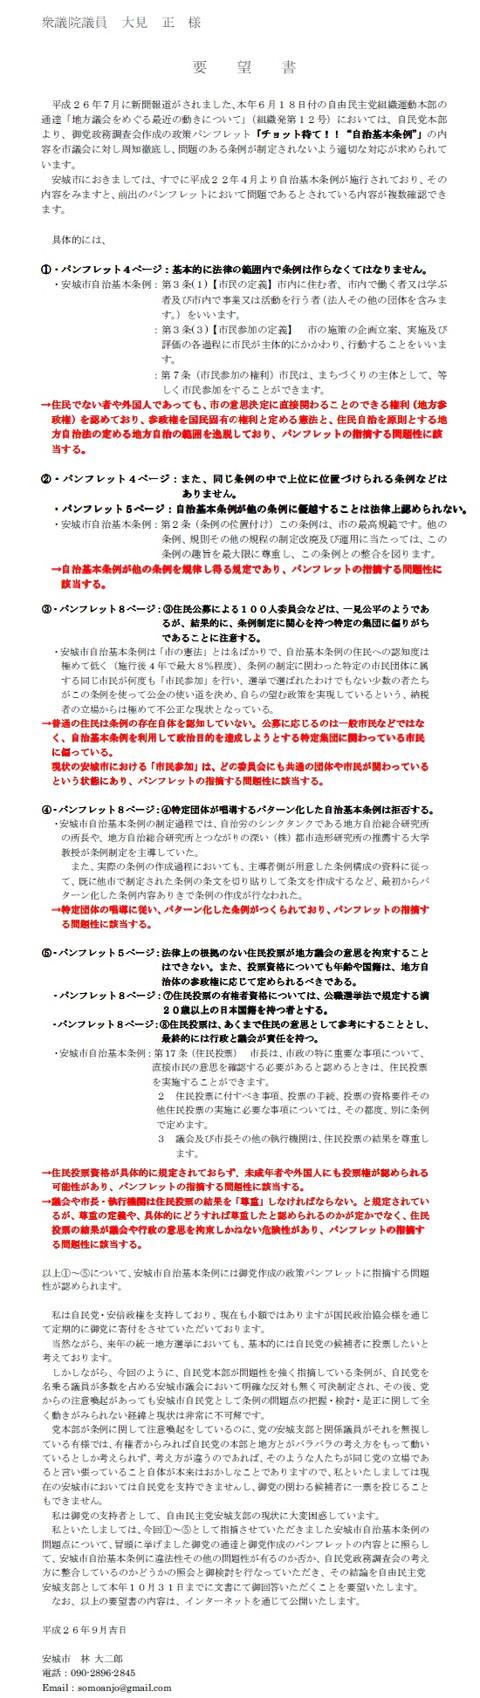 yobosho20140920.jpg